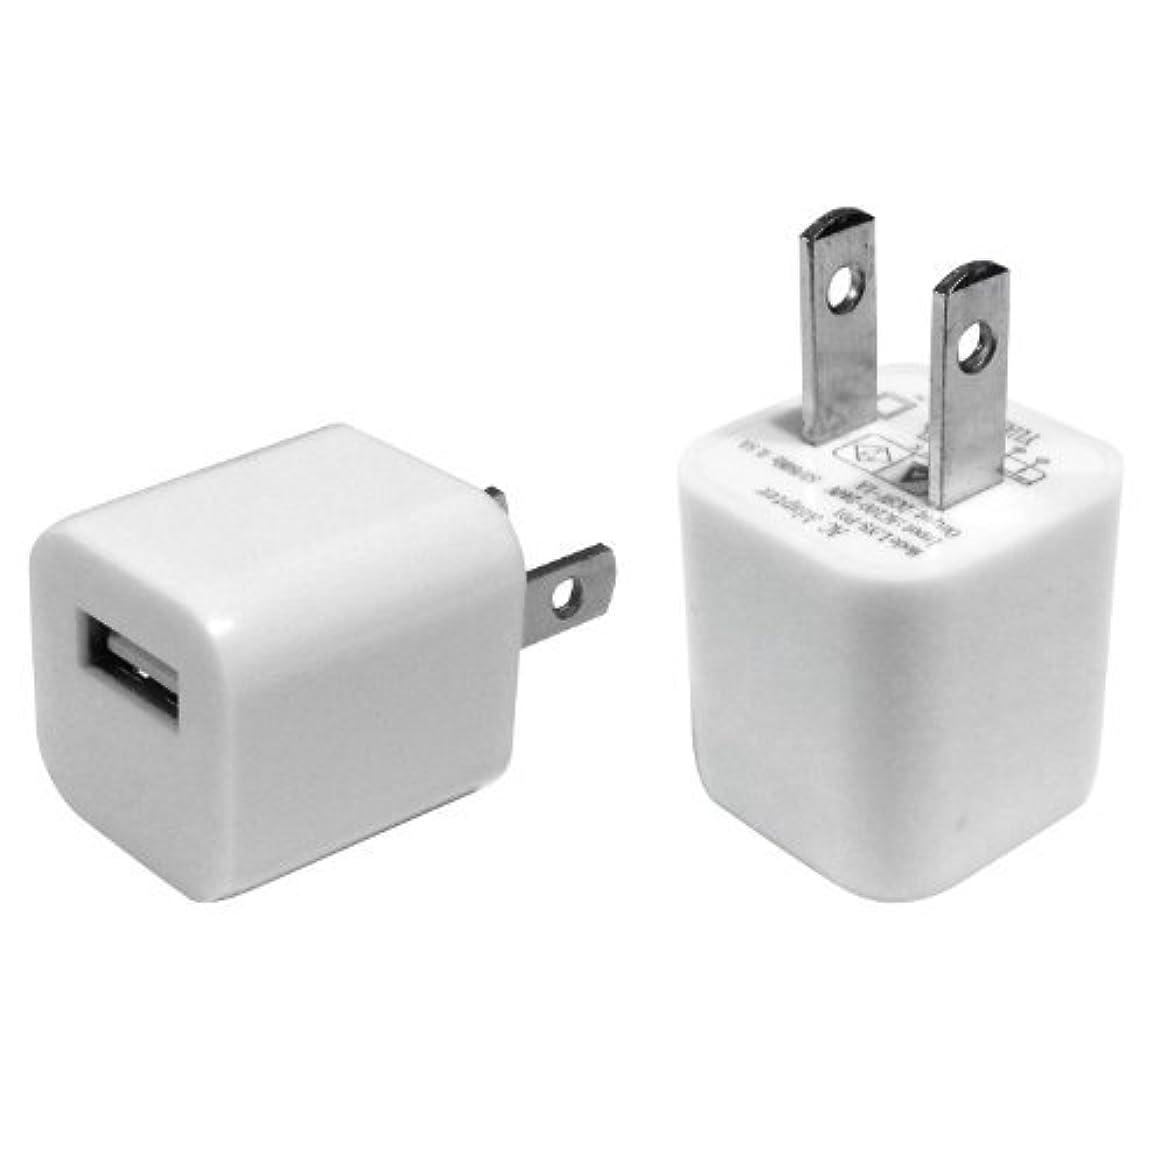 シーズン誓約ロマンチック家庭用コンセント/USB電源 変換用コンパクトアダプター